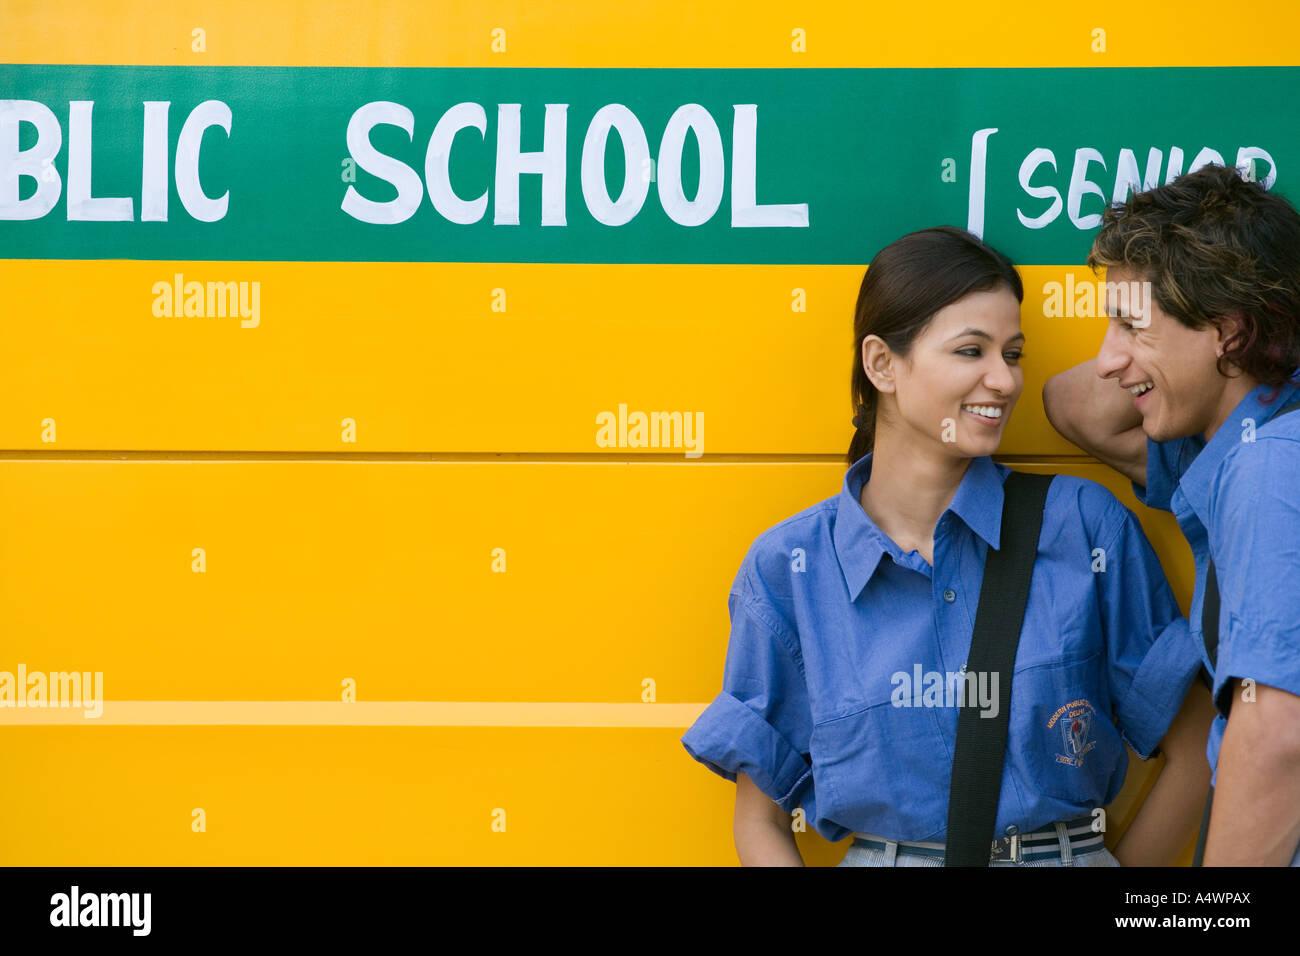 Studente giovane ridendo nella parte anteriore del bus di scuola Immagini Stock